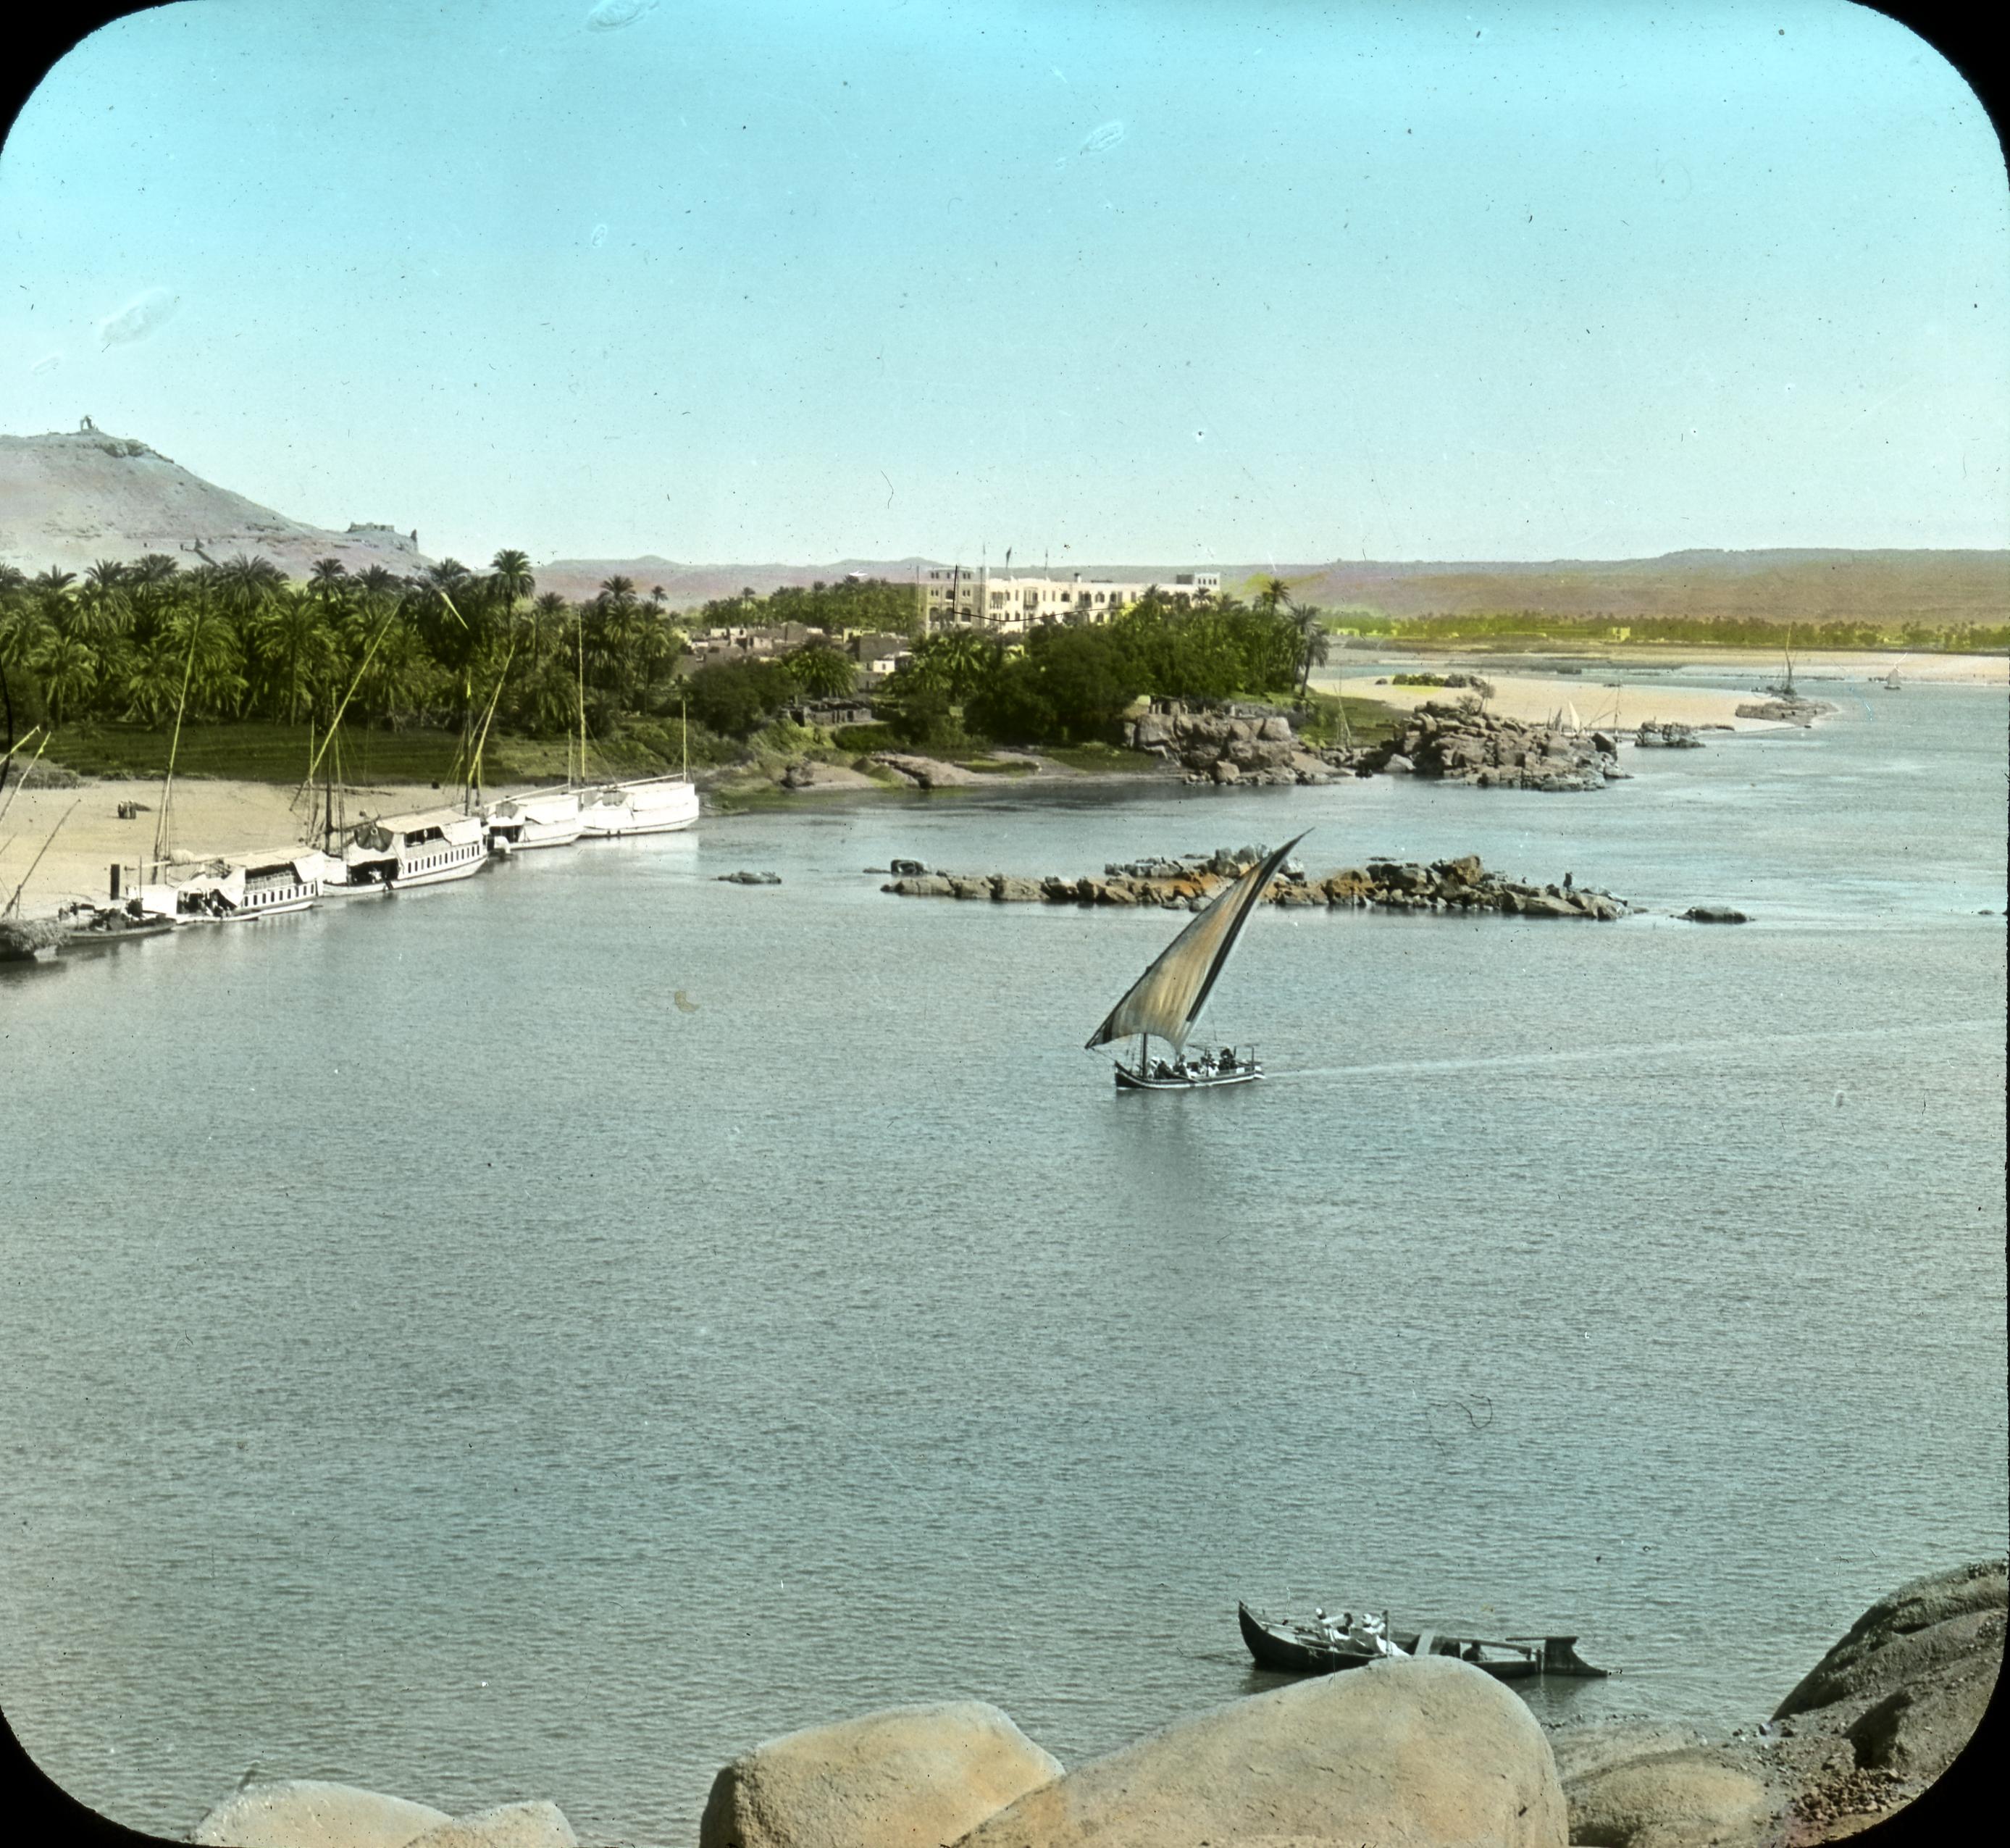 013 - Egypt - Verdant Elephantine Island